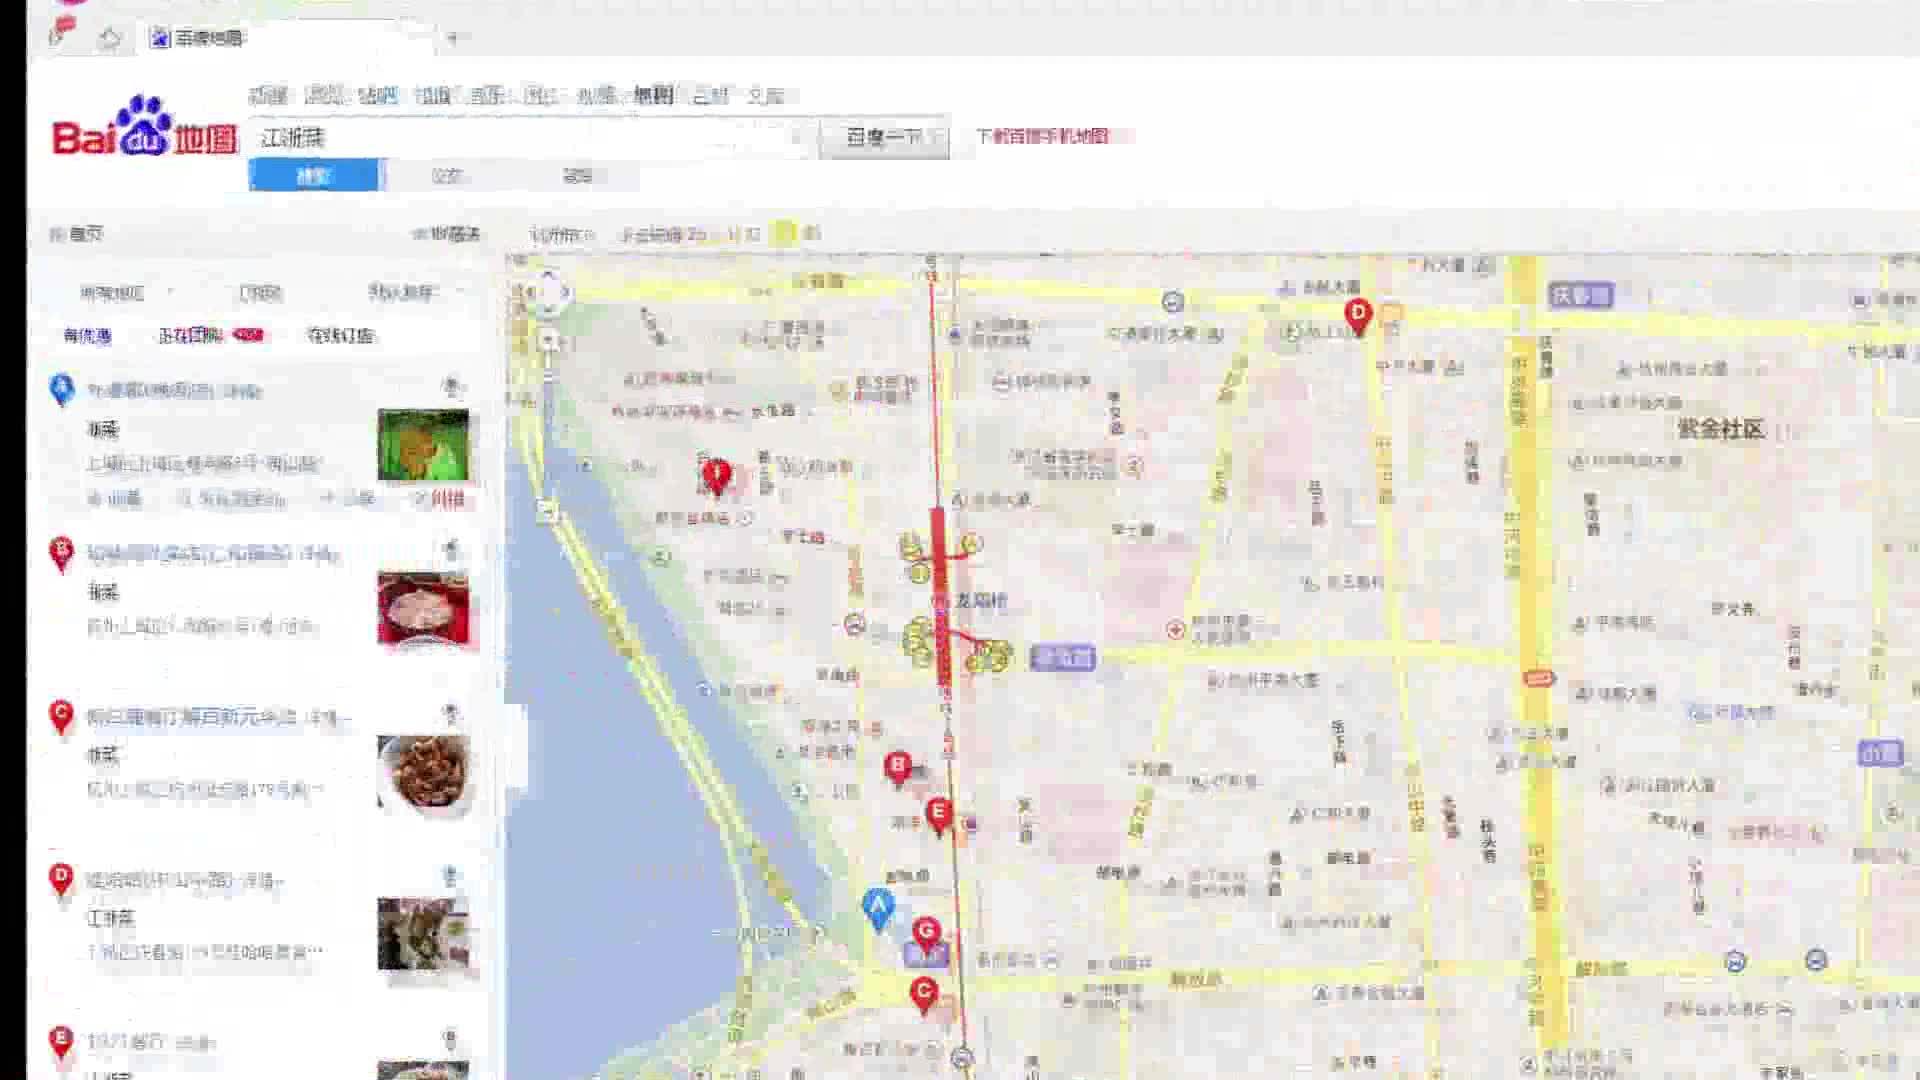 高中地理:地理信息技术应用-生活中的地理信息技术-视频微课堂